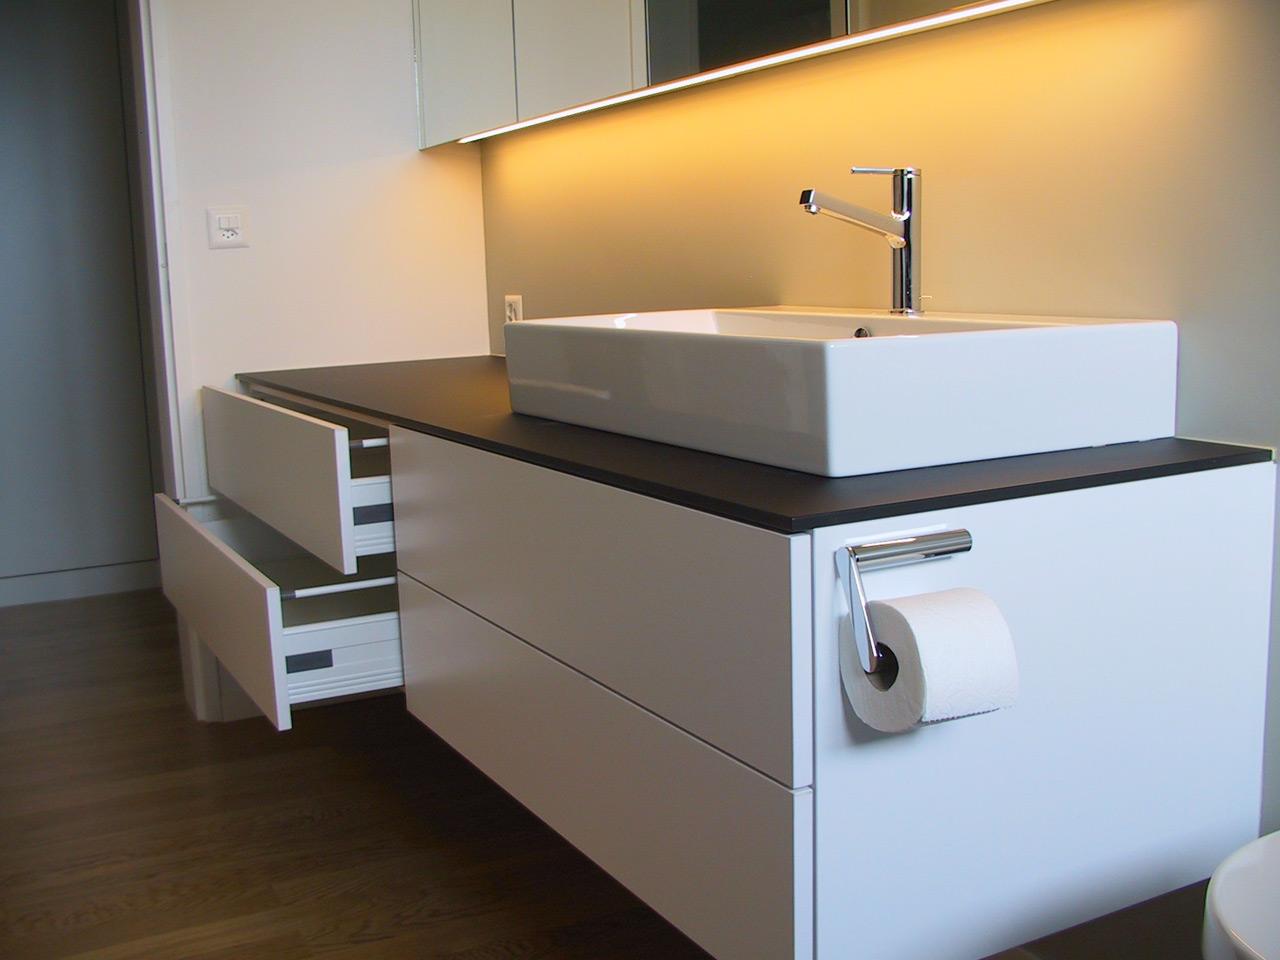 badschrank holz design. Black Bedroom Furniture Sets. Home Design Ideas